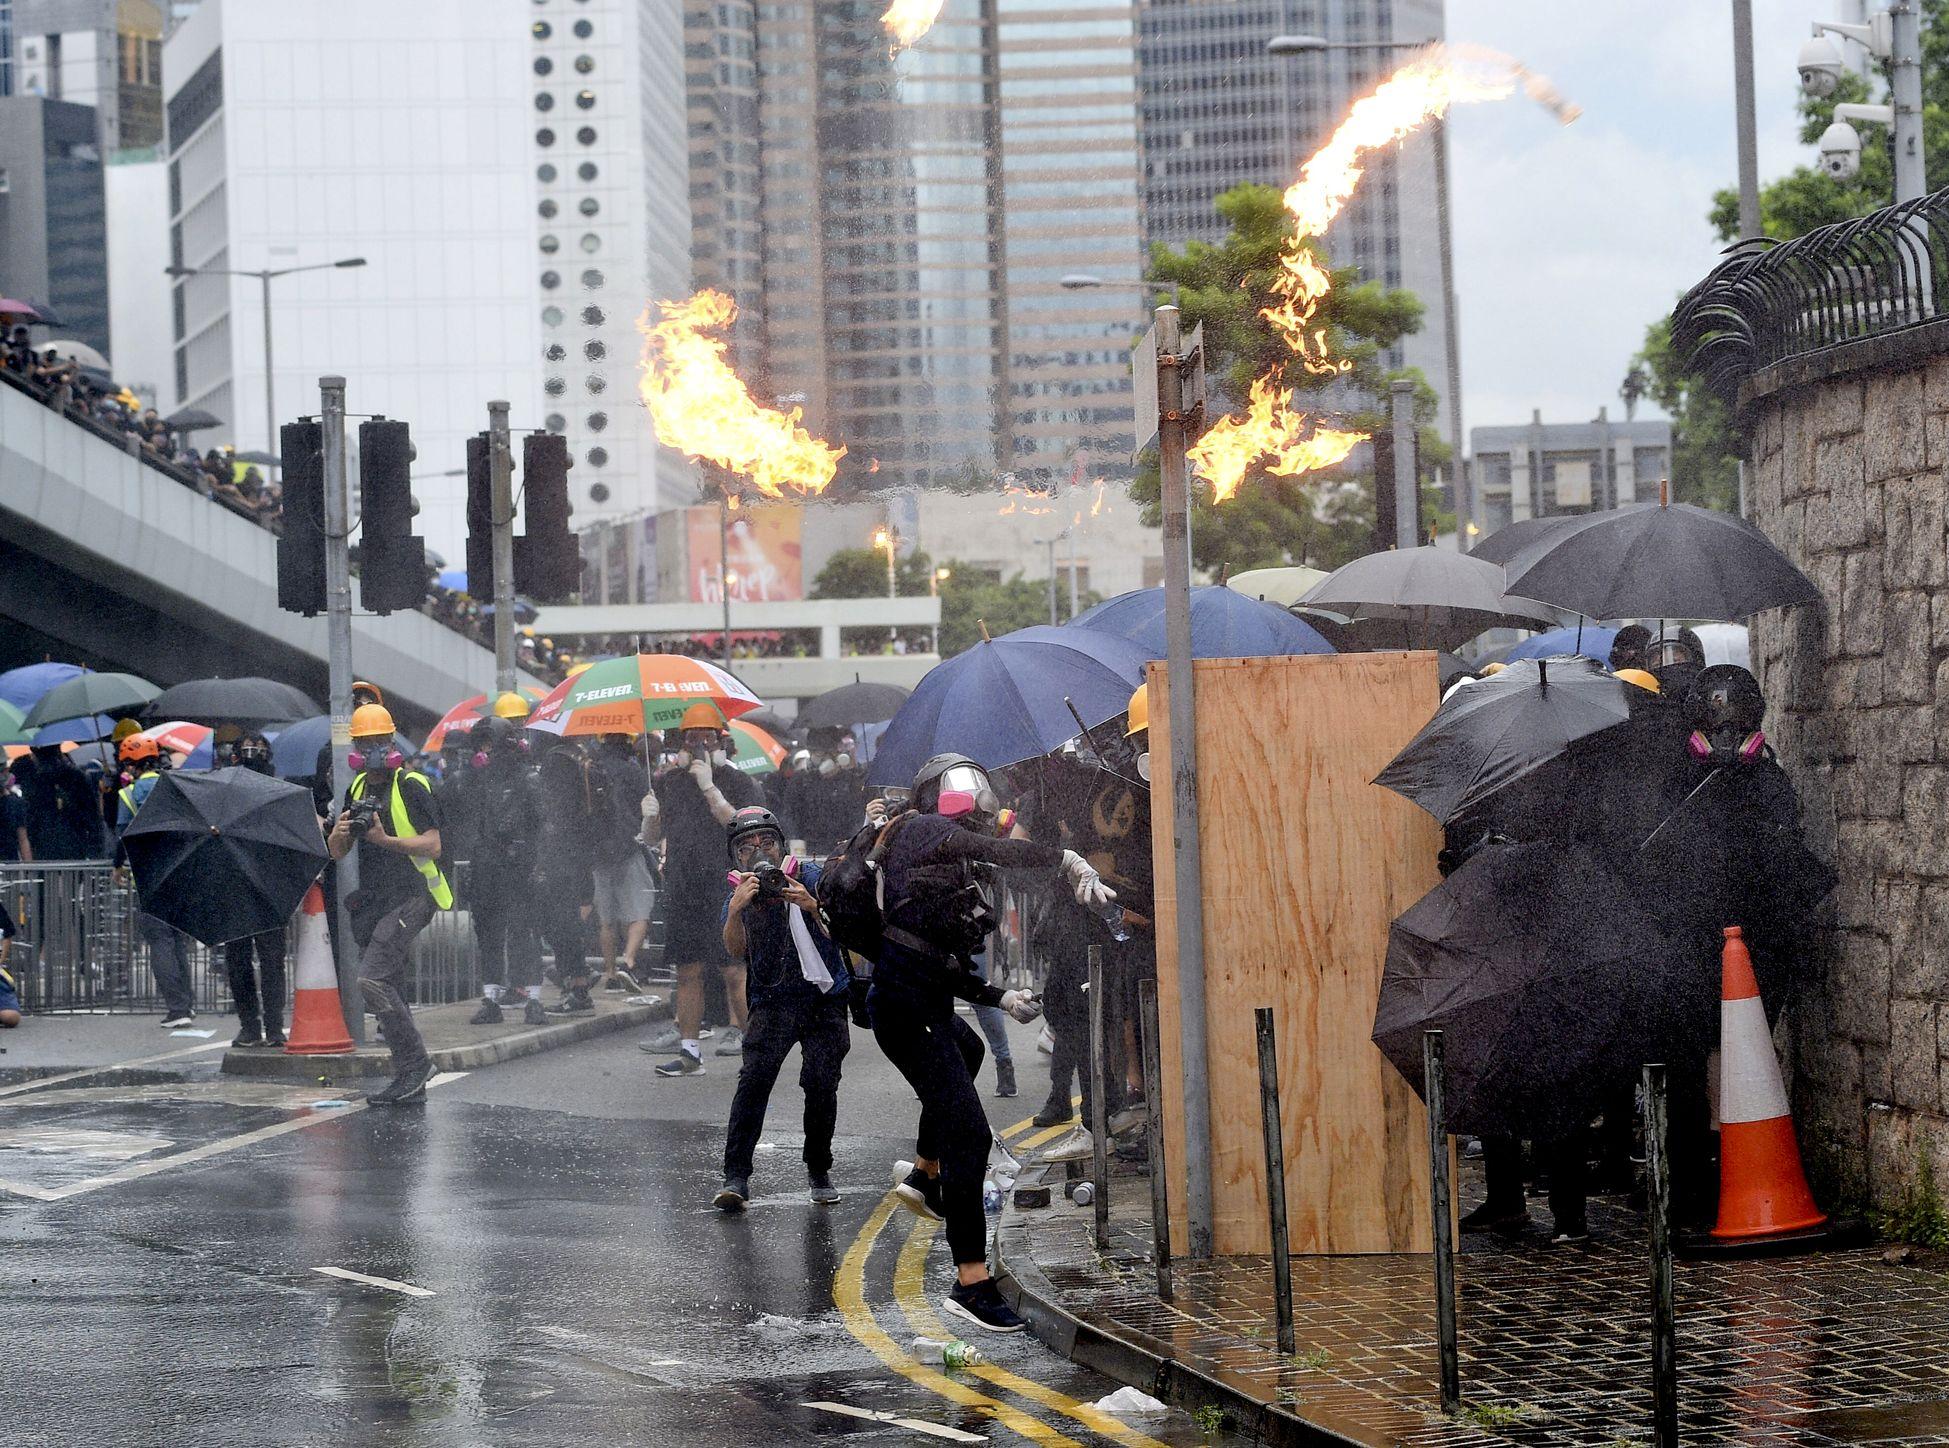 政府發言人指,激進示威者的違法及暴力行為持續升級,罔顧市民大眾的安全。